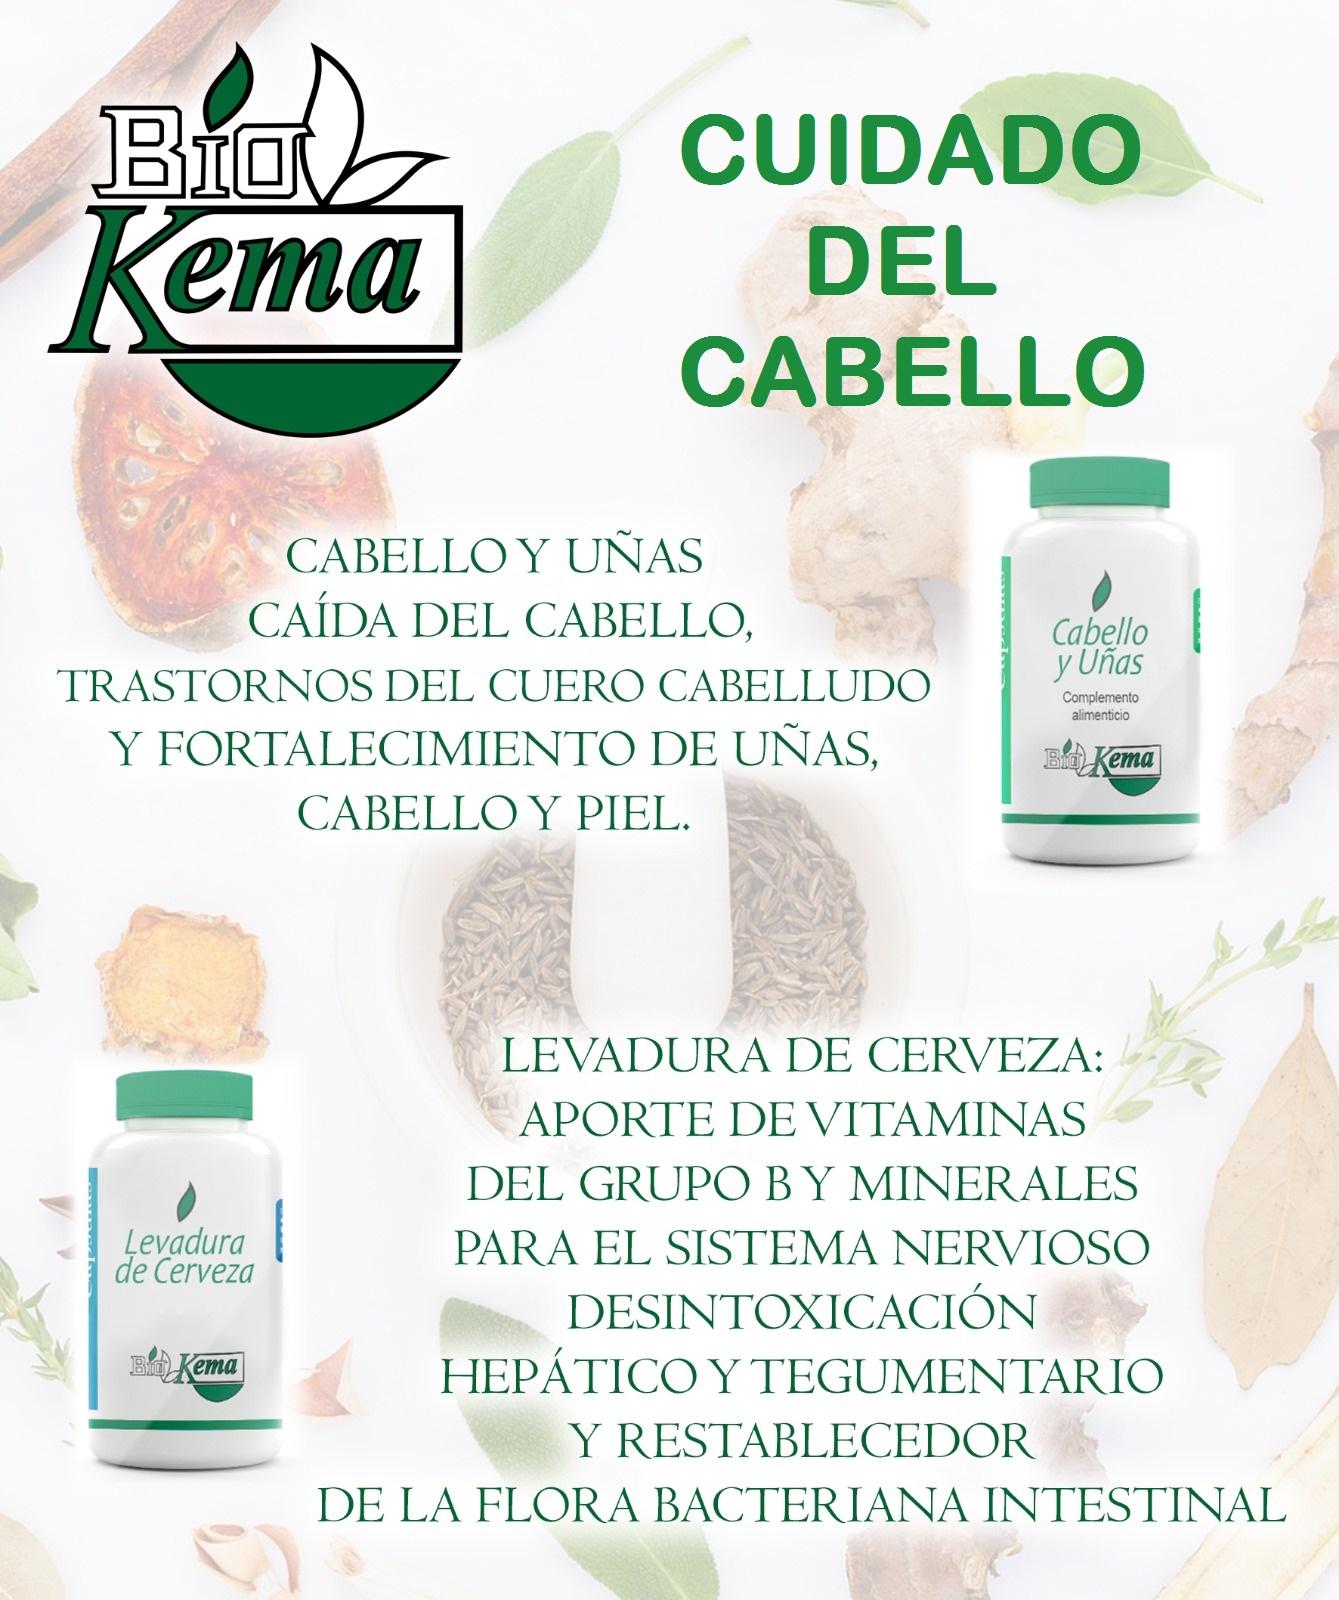 PRODUCTOS BIOKEMA BENEFICIOSOS PARA EL CABELLO